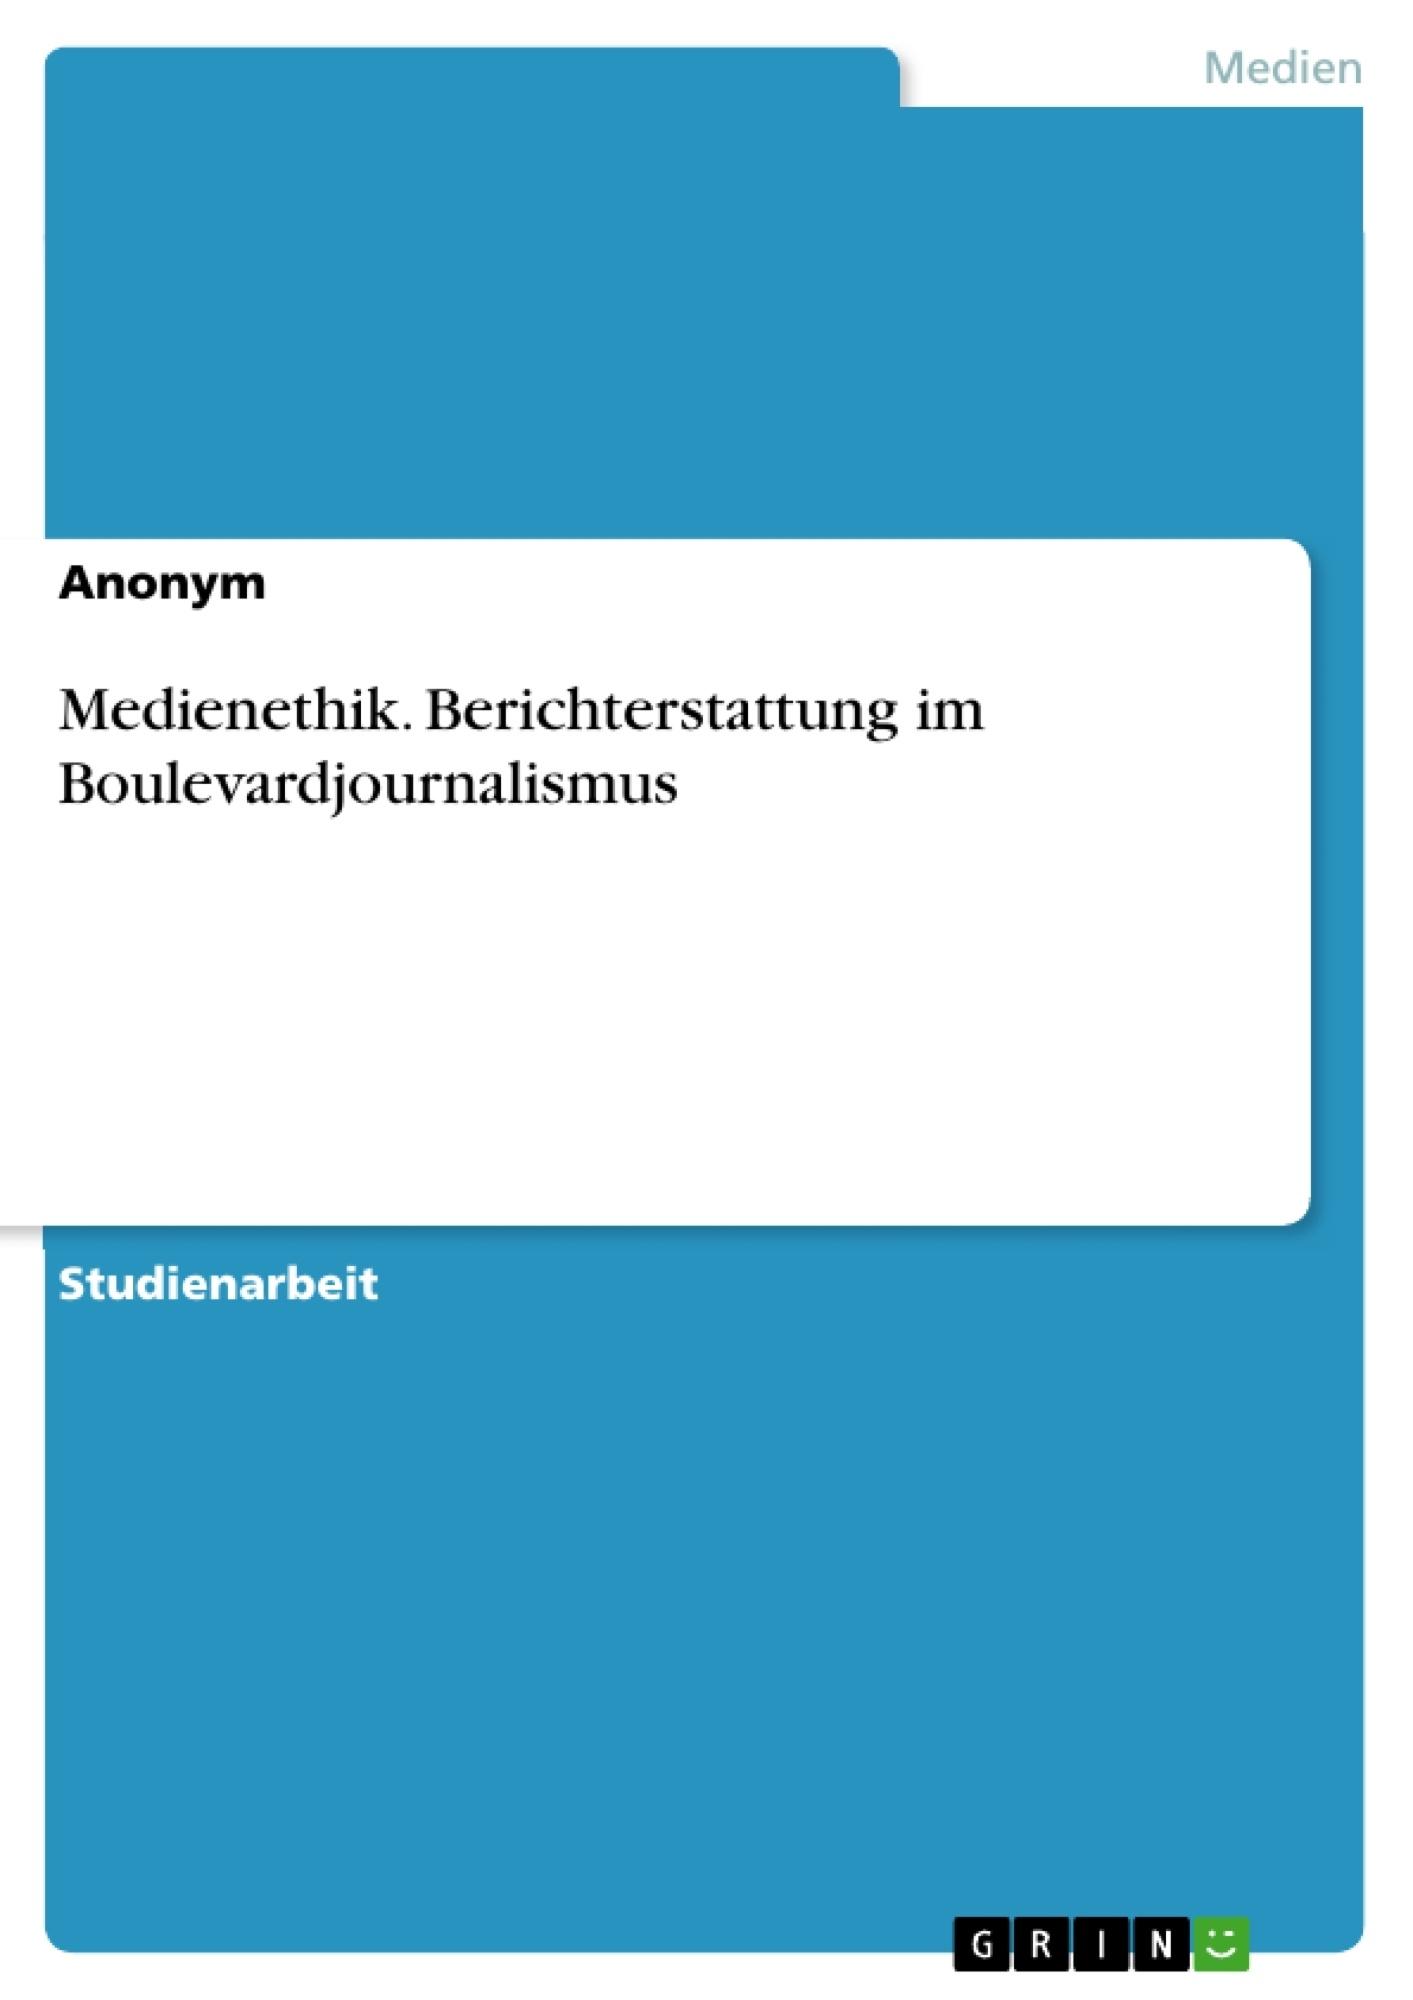 Titel: Medienethik. Berichterstattung im Boulevardjournalismus